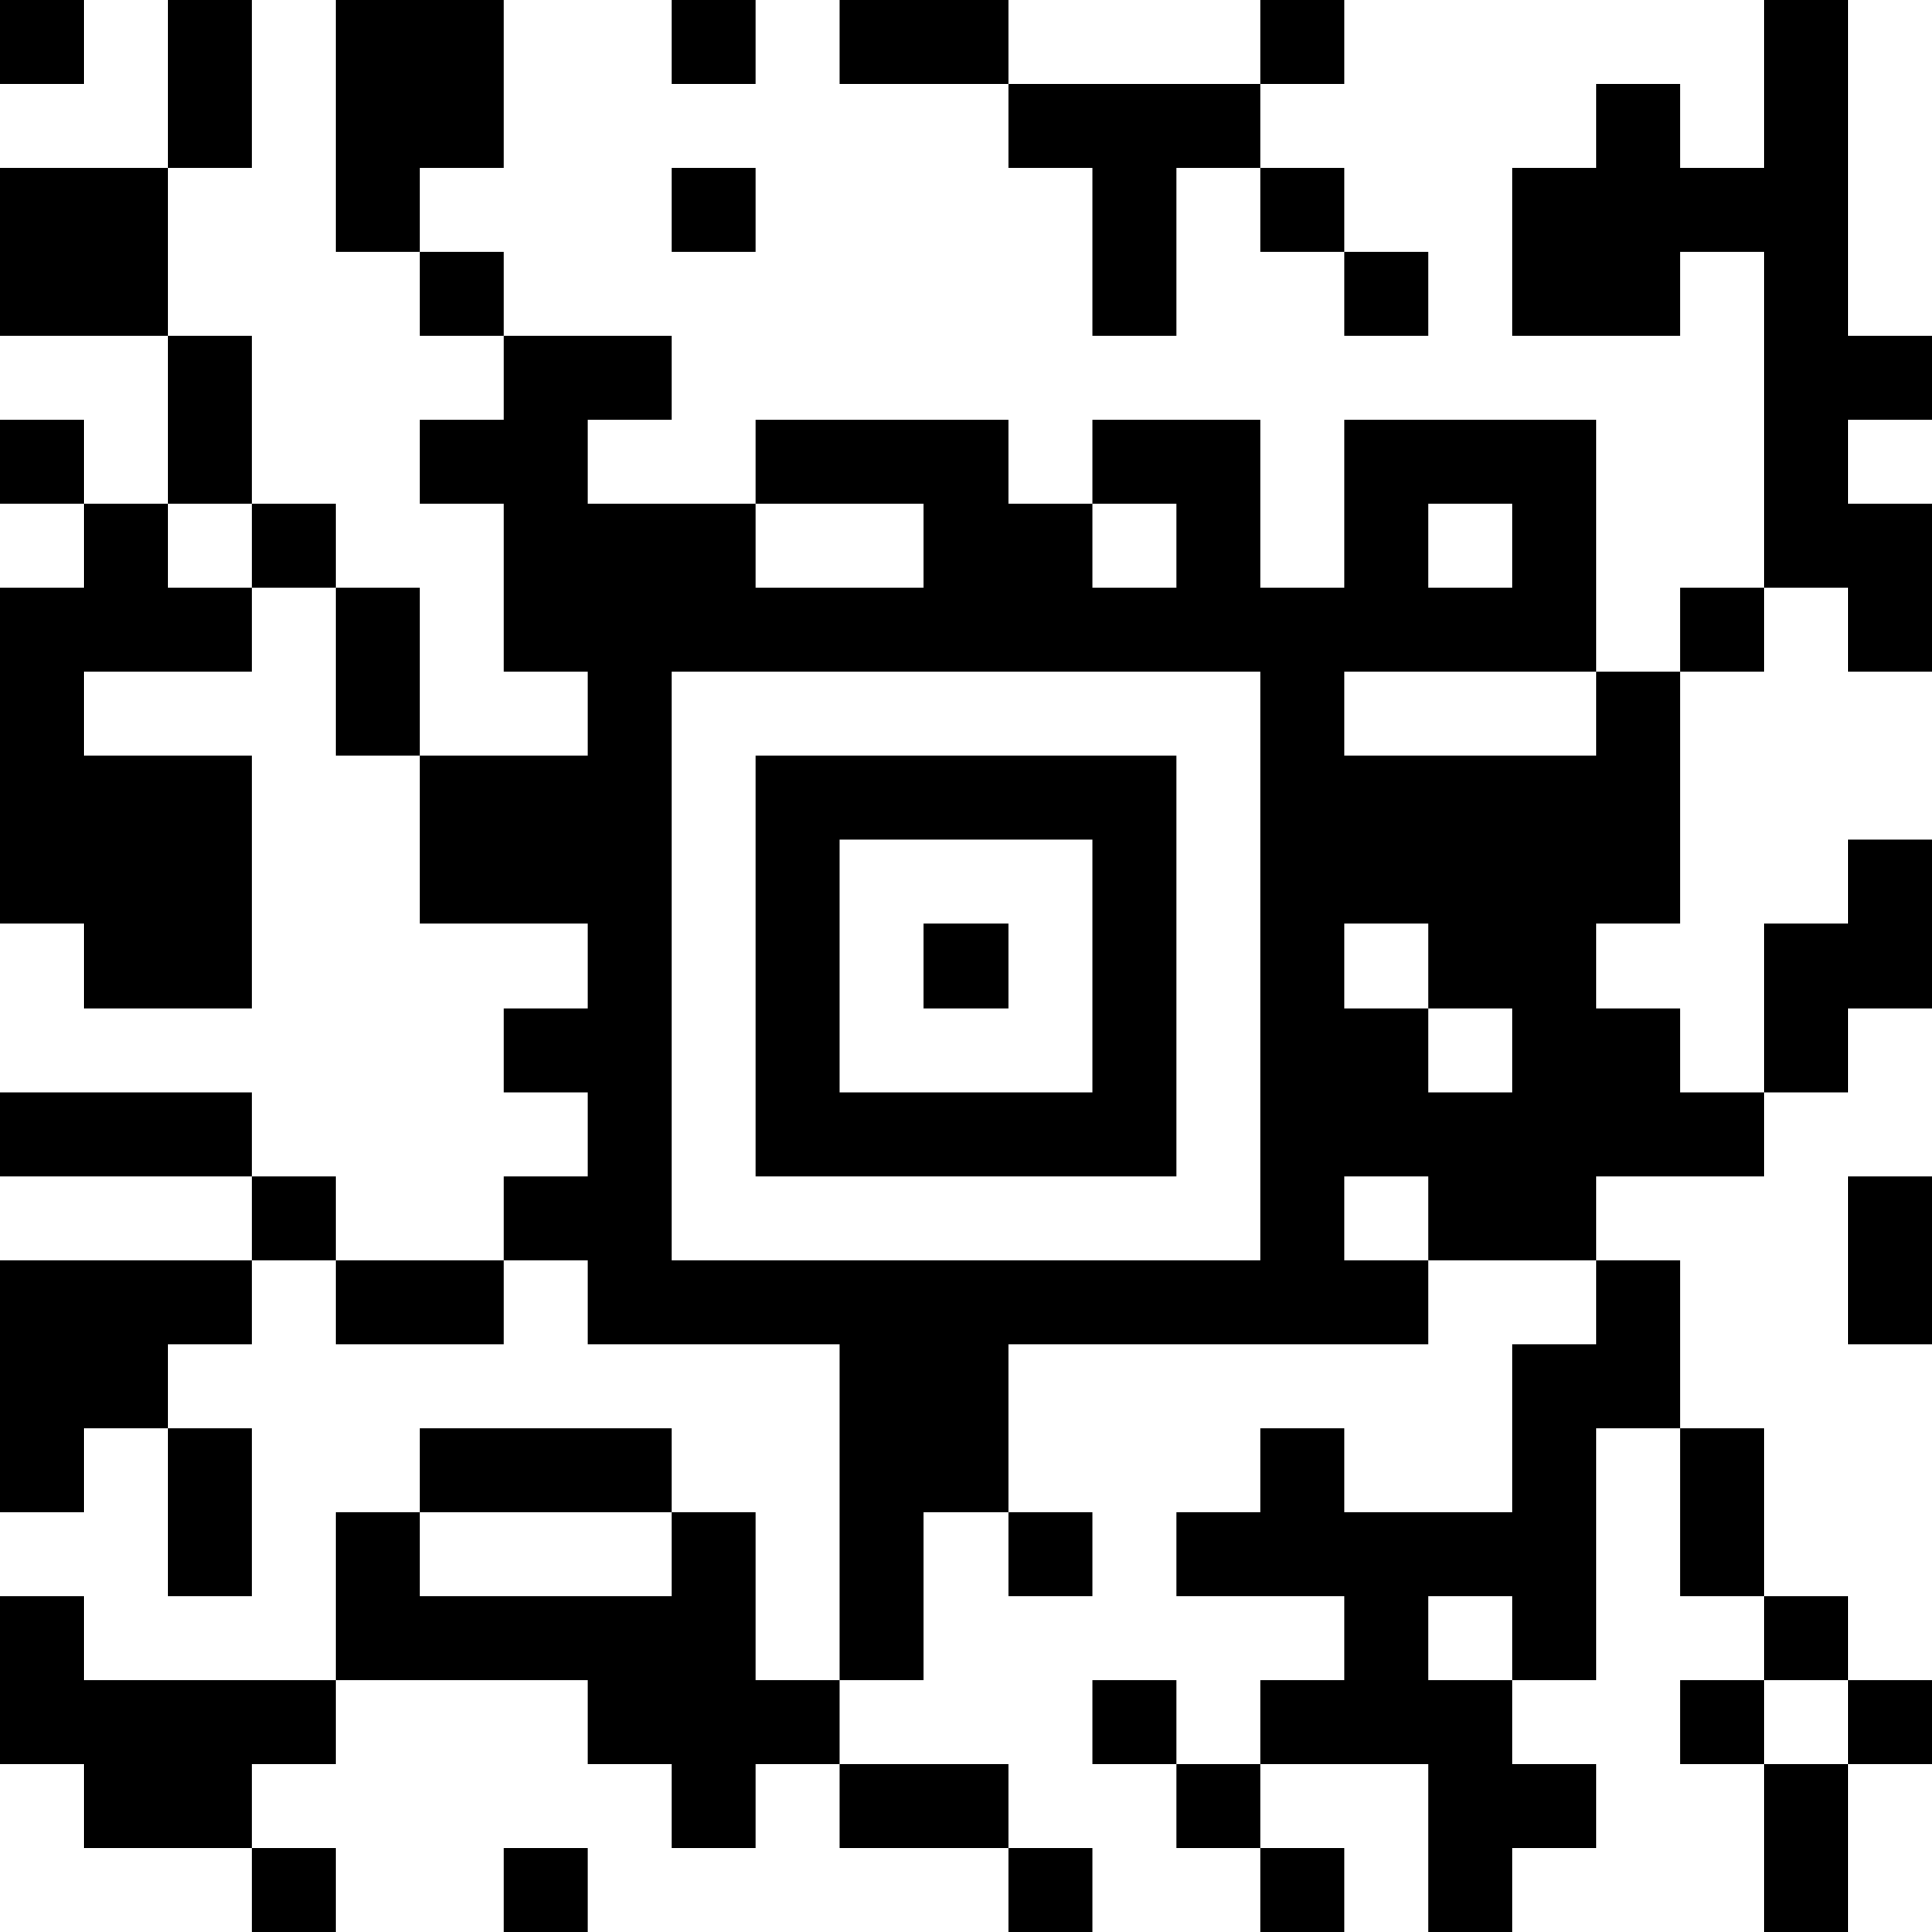 Exemple de format de code-barres aztèque par ga-international.com